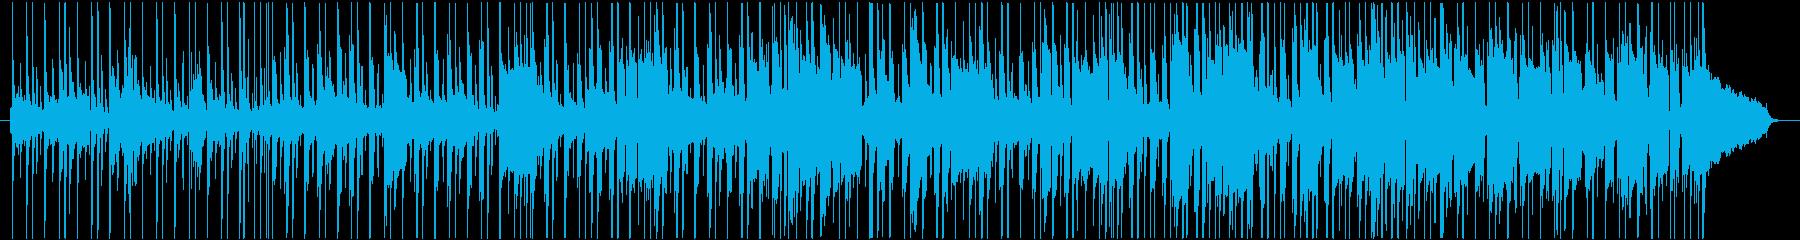 ムーディーで落ち着いたR&B(BGM)の再生済みの波形